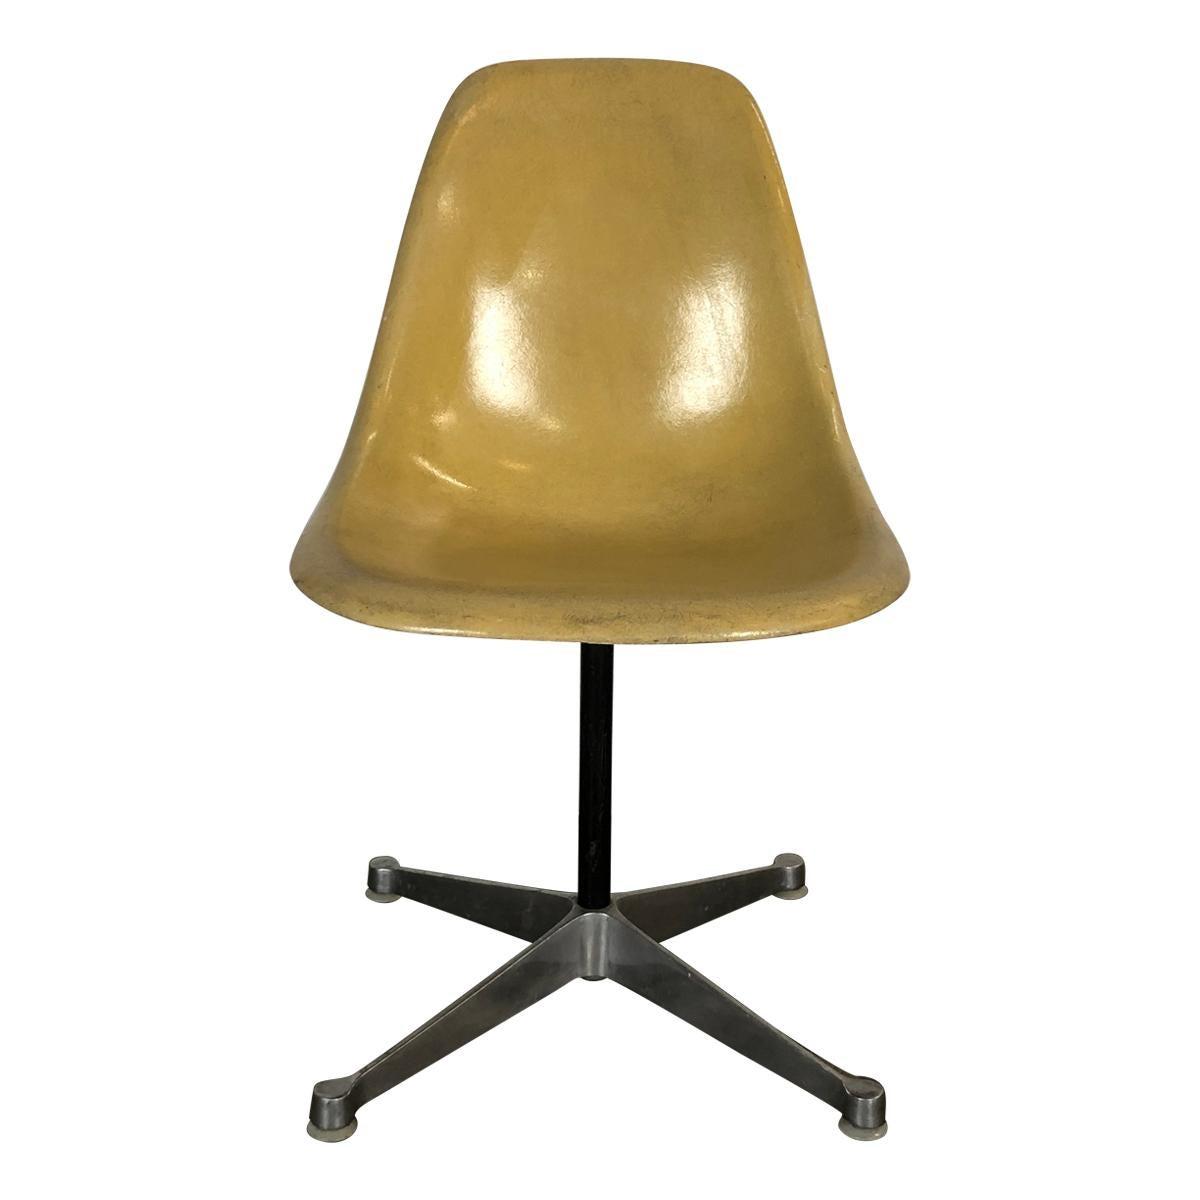 Herman Miller Eames Swivel Desk Chair for Home Office